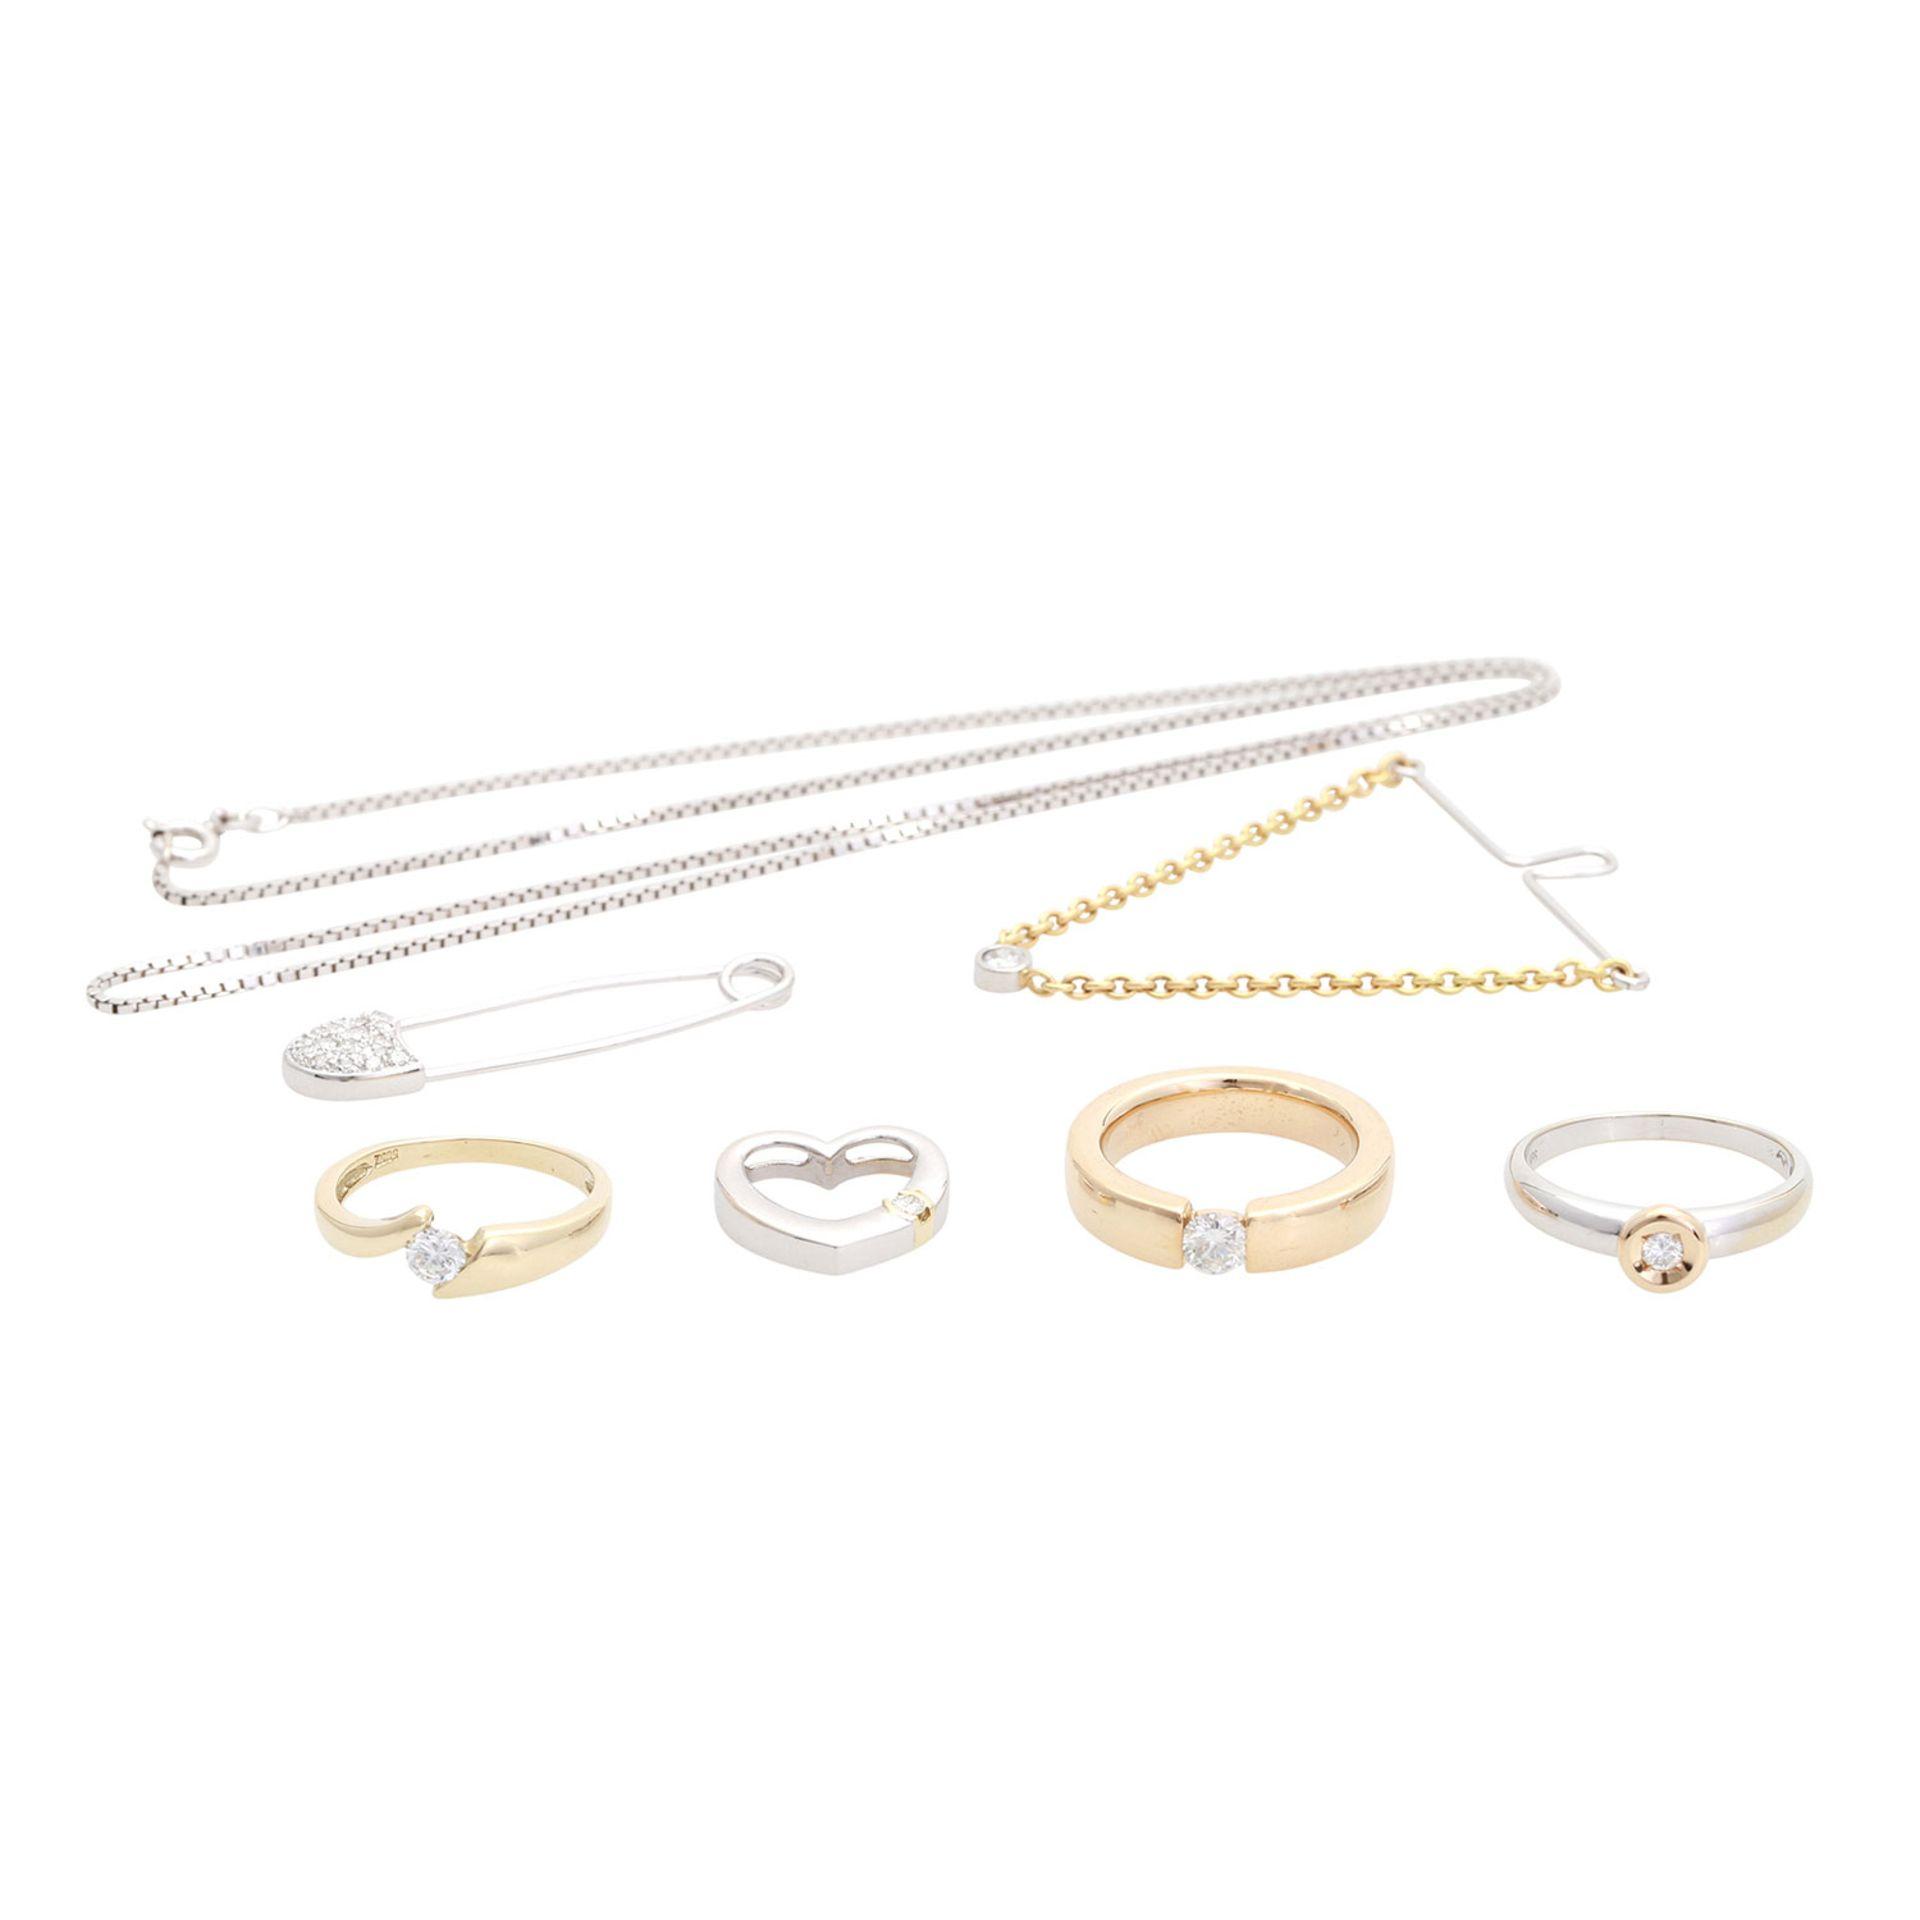 Los 3 - Schmuckkonvolut 7-teilig, Händlerkonvolut bestehend aus 3 Ringen, 1 Collierkettchen, 1 Anhänger, 1